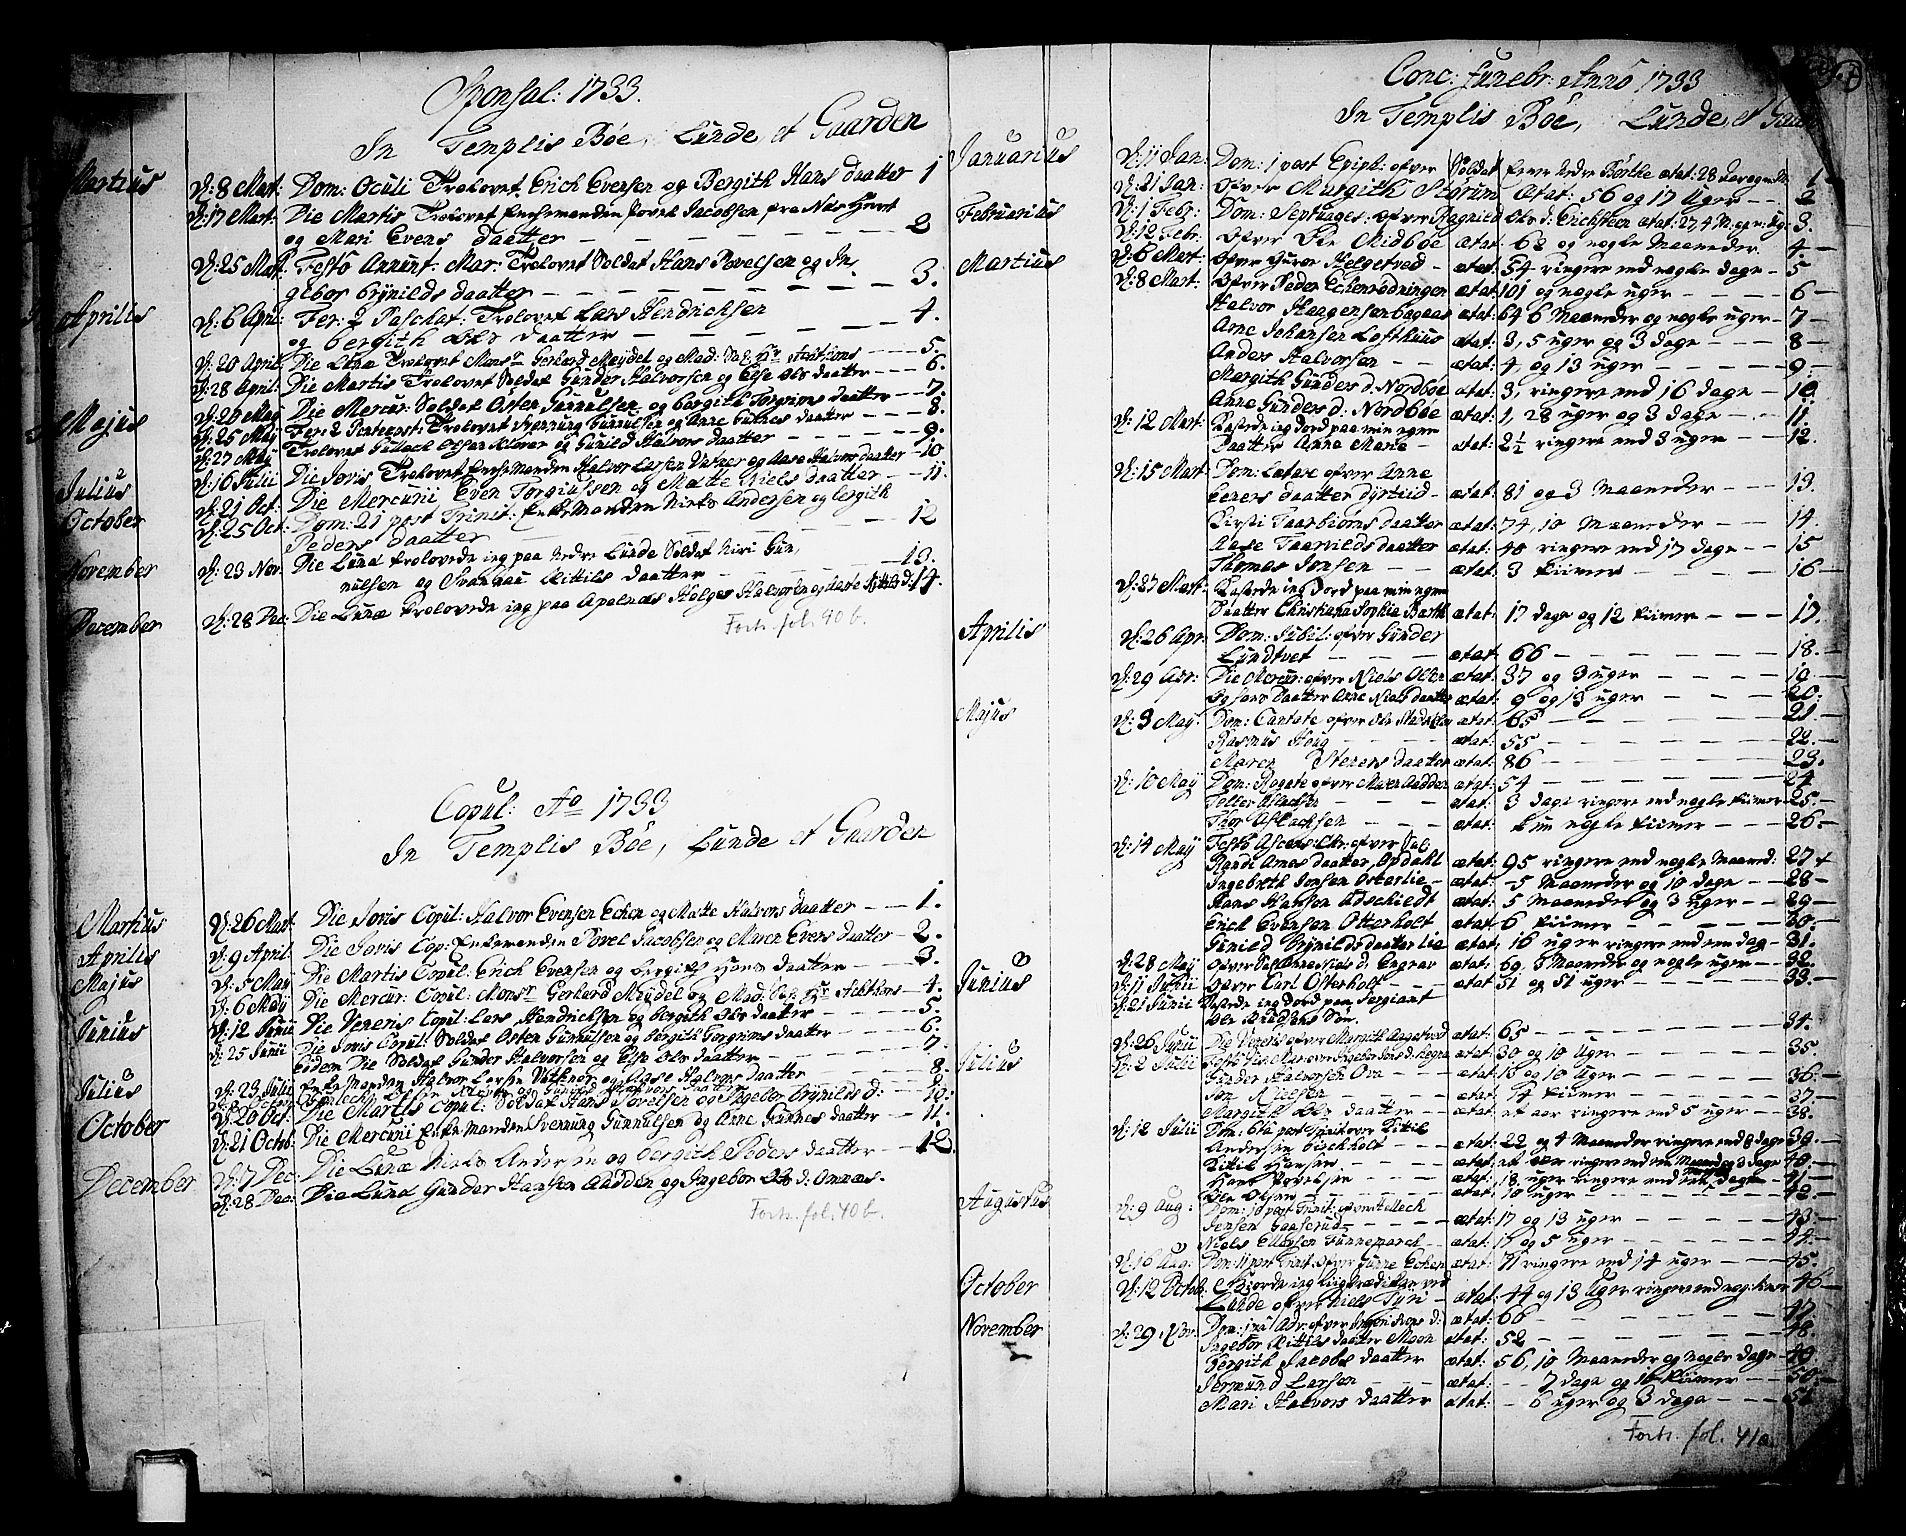 SAKO, Bø kirkebøker, F/Fa/L0003: Ministerialbok nr. 3, 1733-1748, s. 66